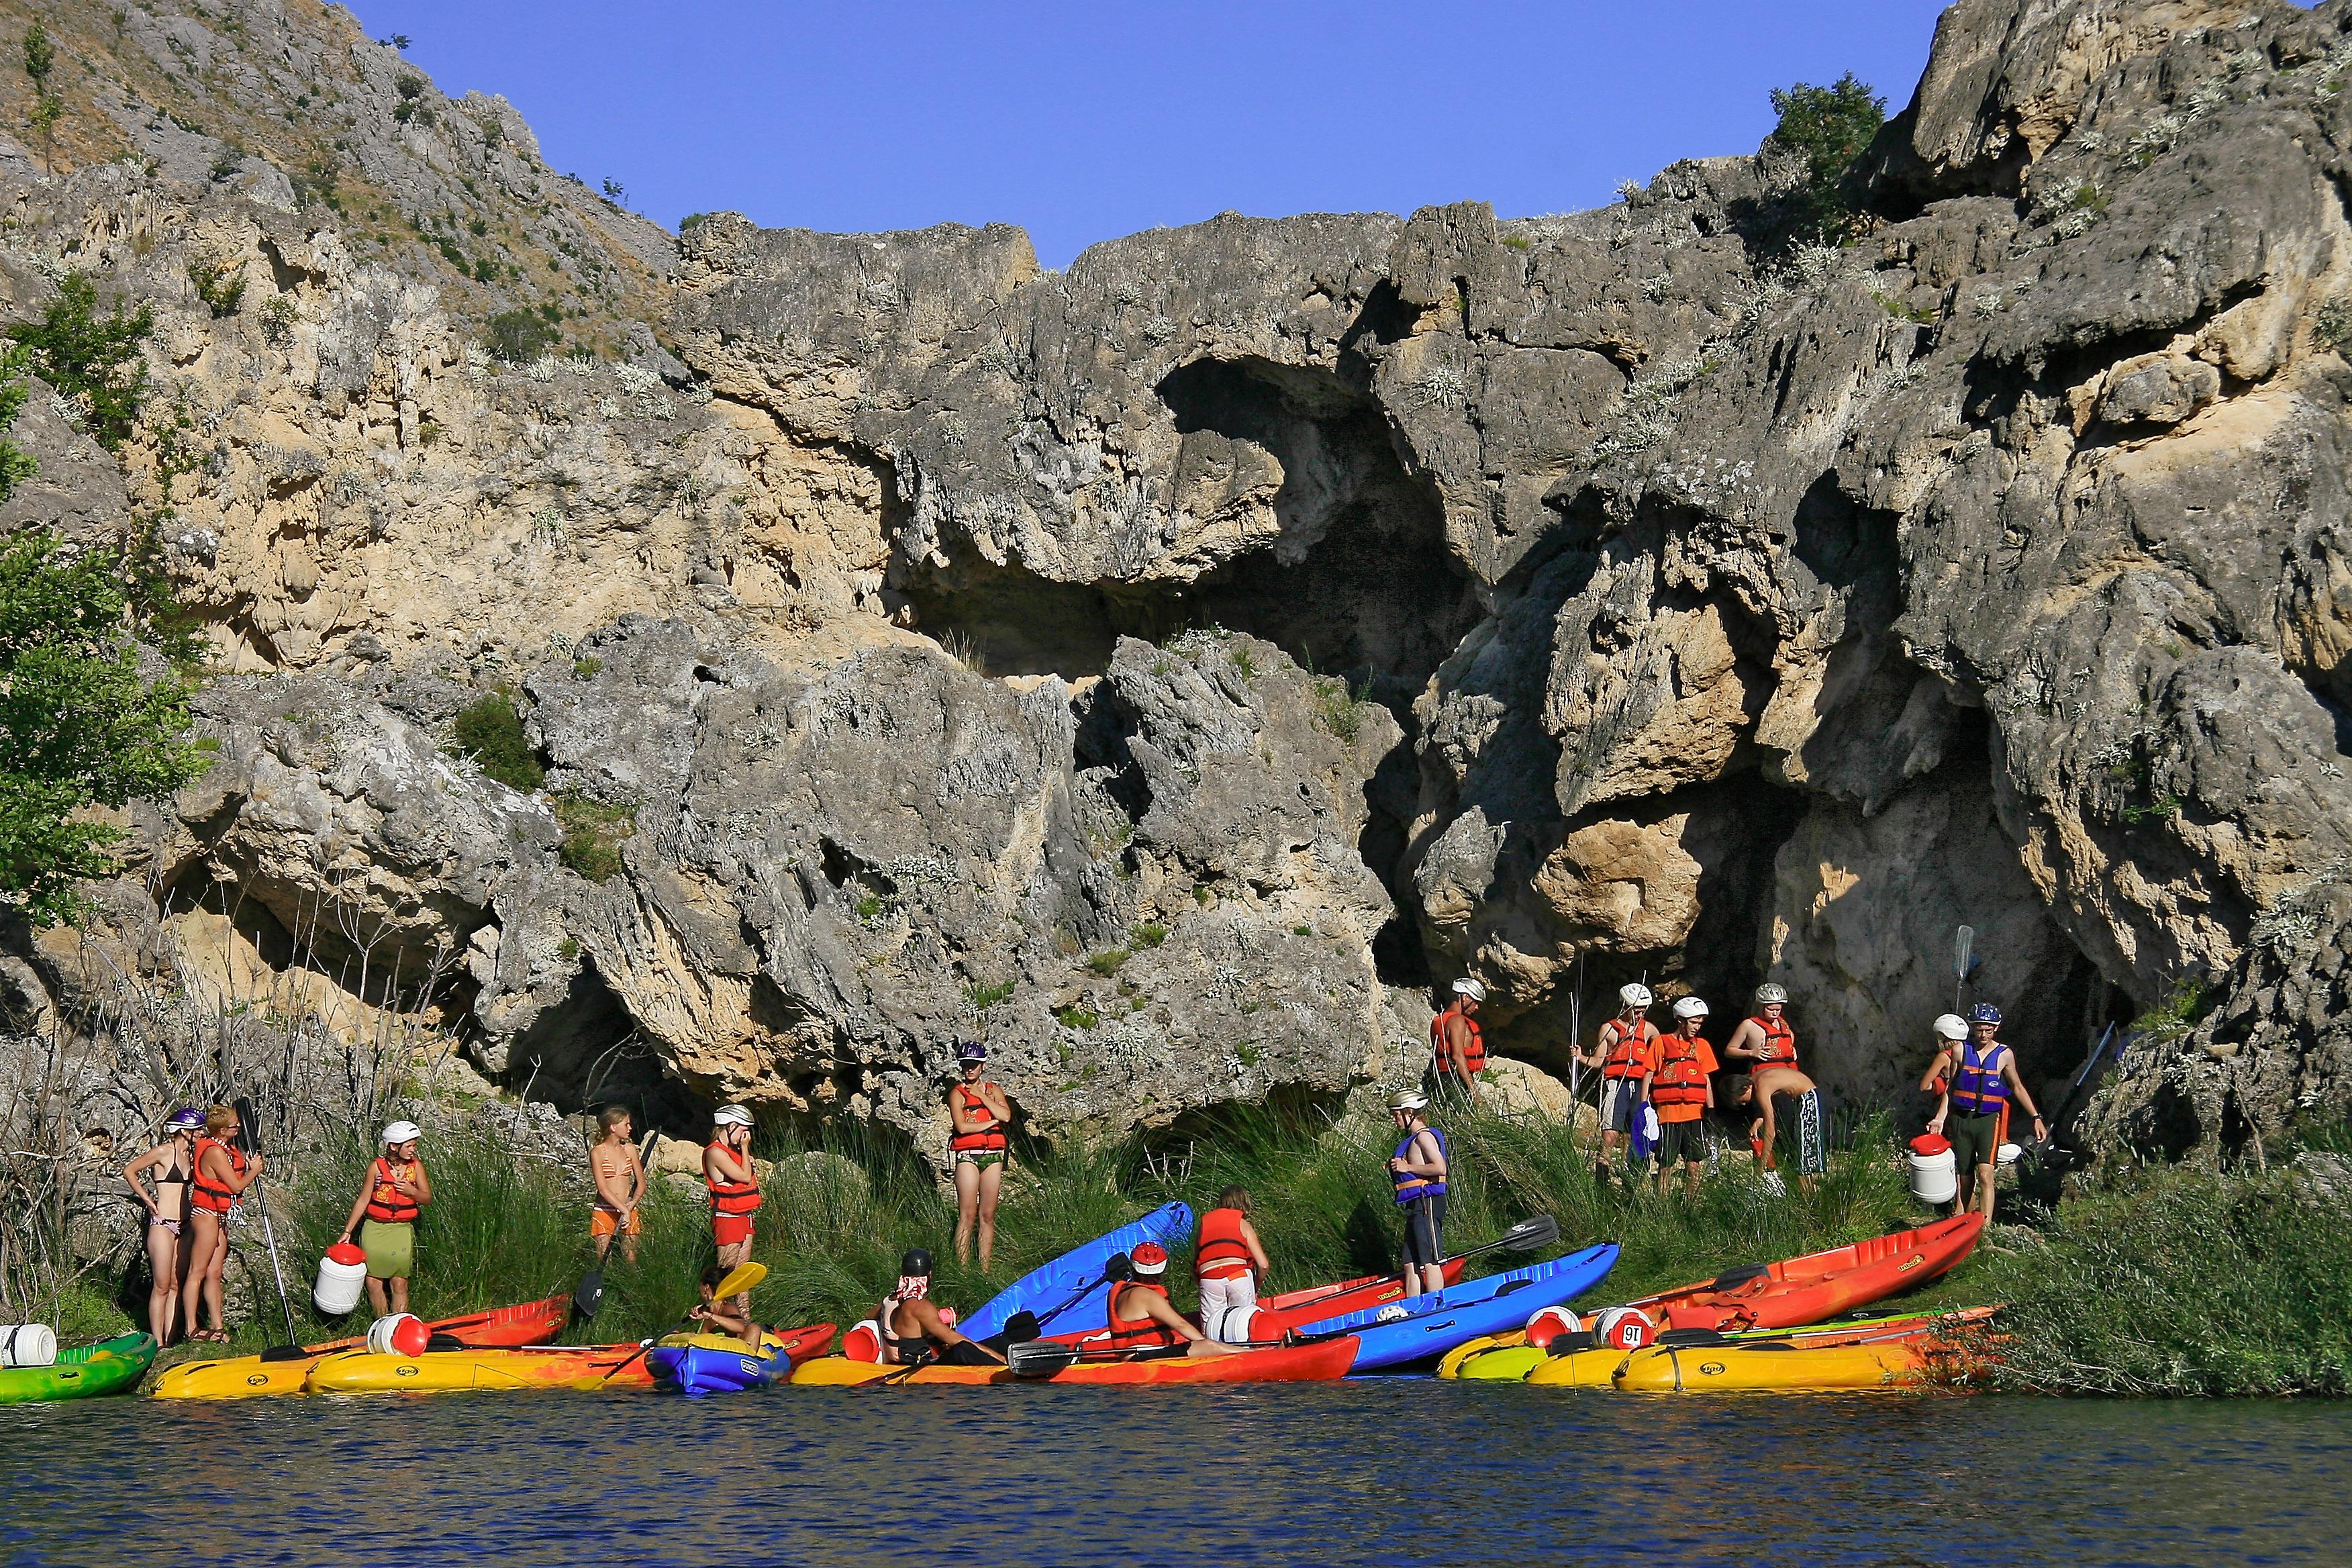 rafting, canoeing, whitewater, white water, adrenaline, action, zrmanja